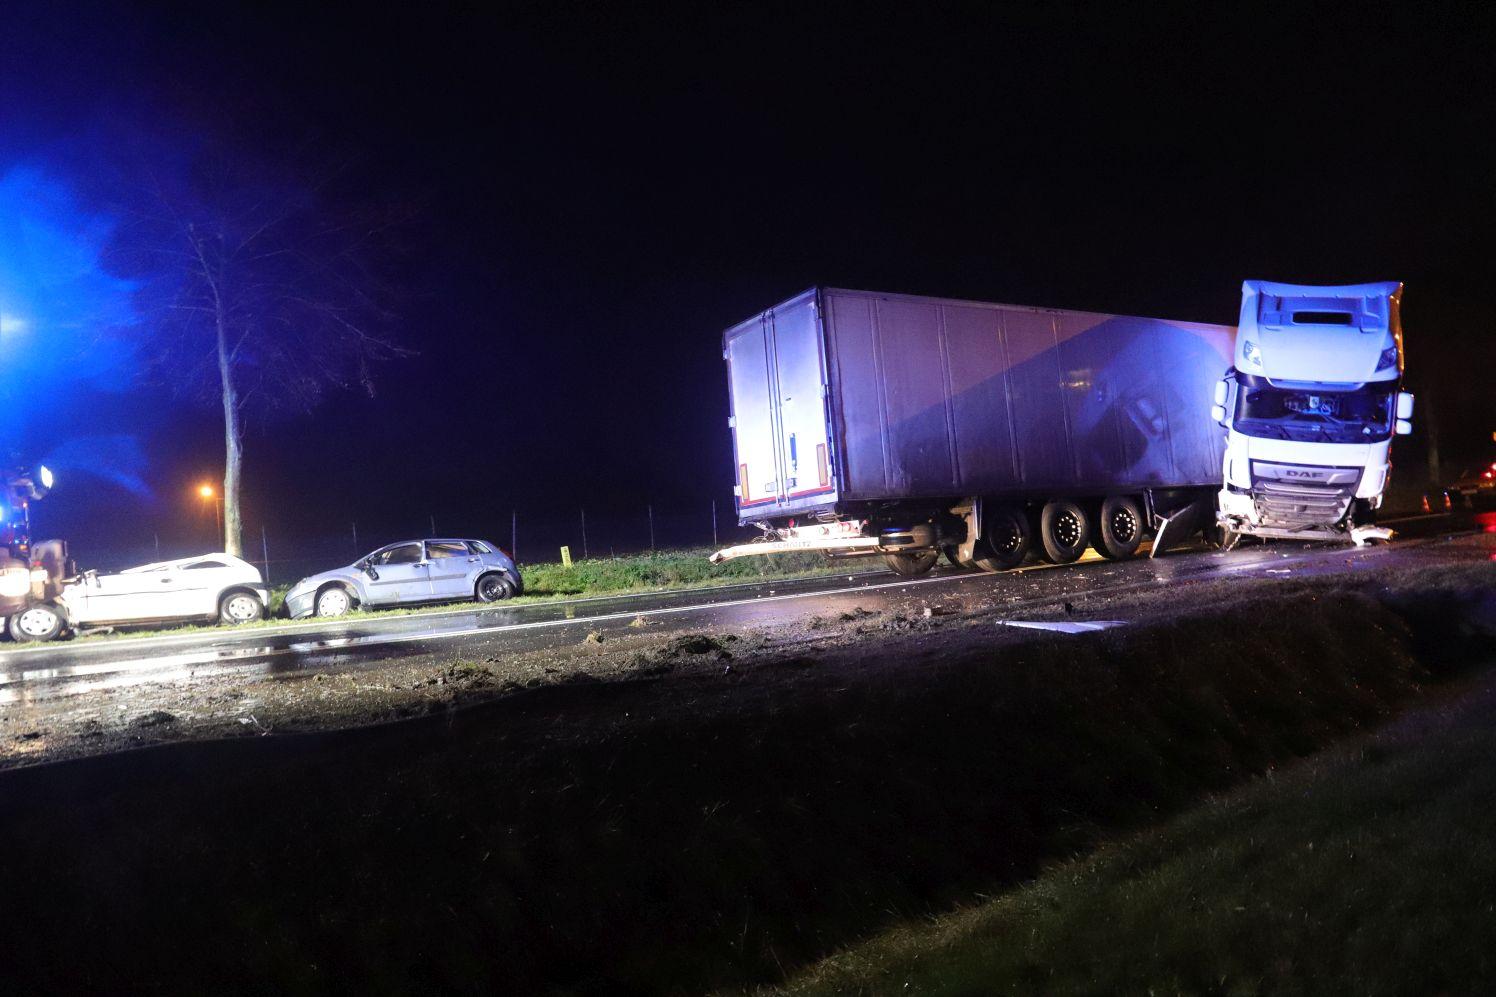 """[FOTO] Ciężarówka staranowała dwie osobówki: """"Dzięki czujności kierowców nie doszło do tragedii"""" - Zdjęcie główne"""